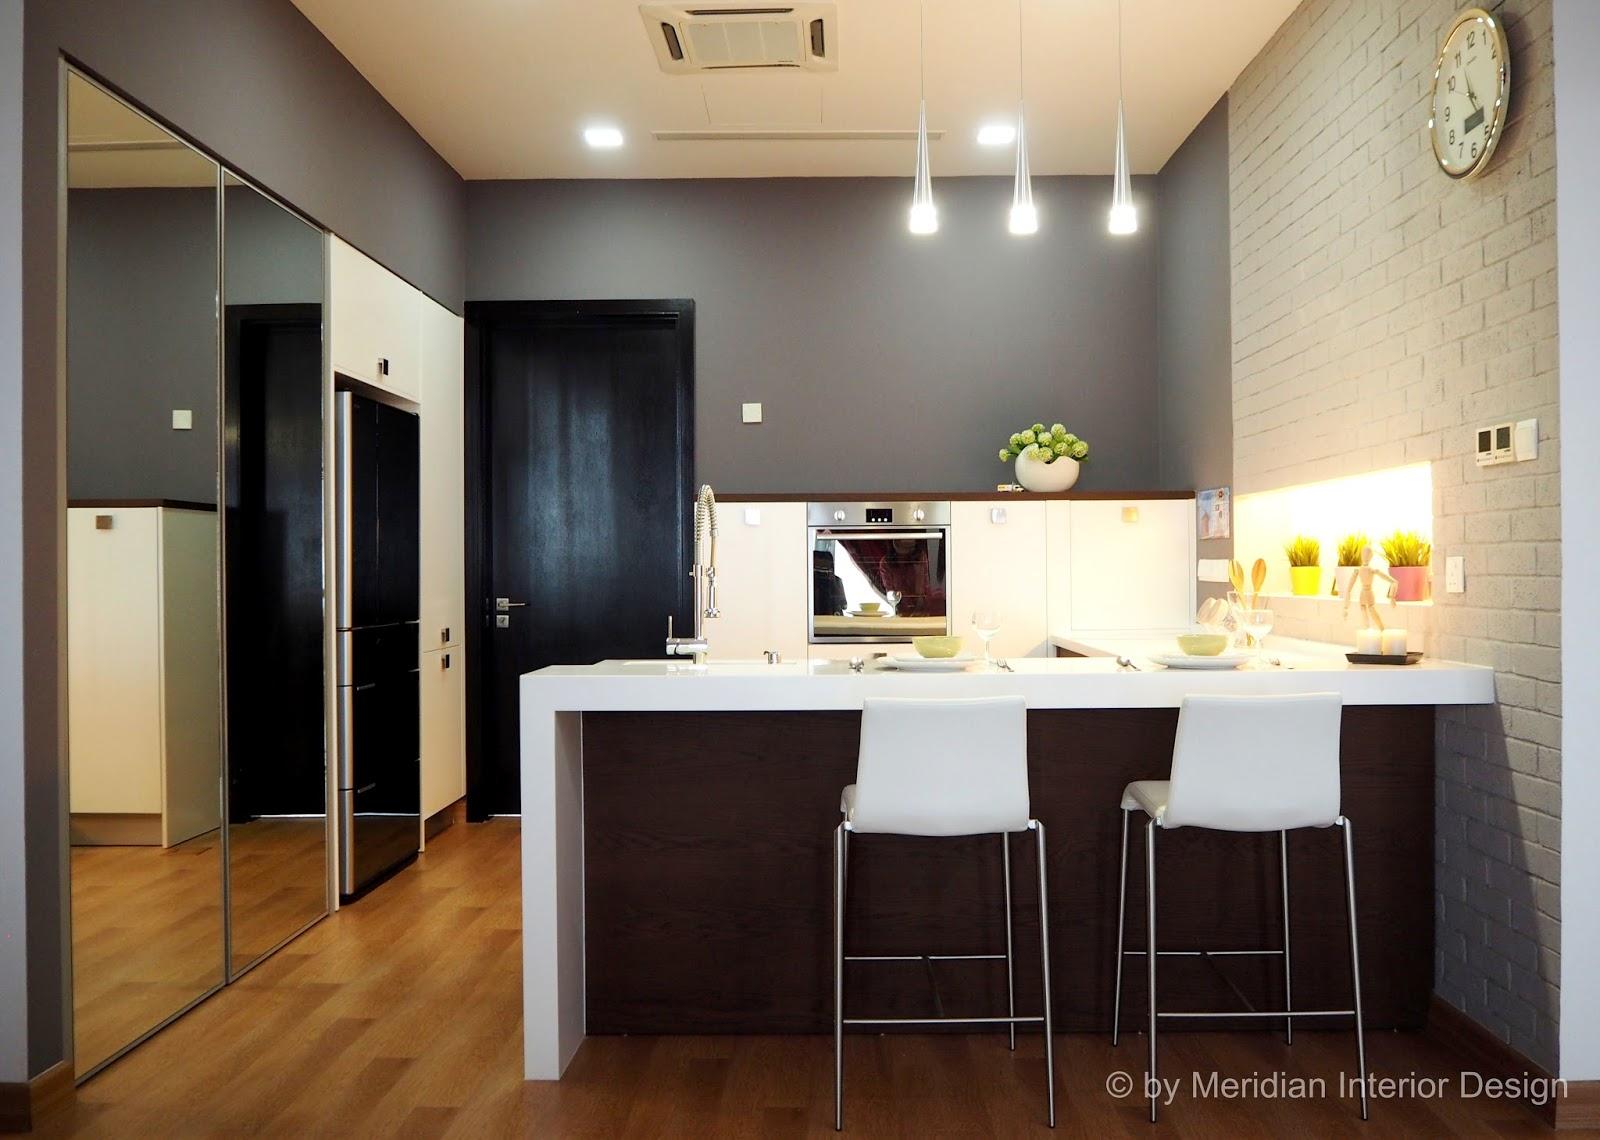 interior design for small kitchen in malaysia